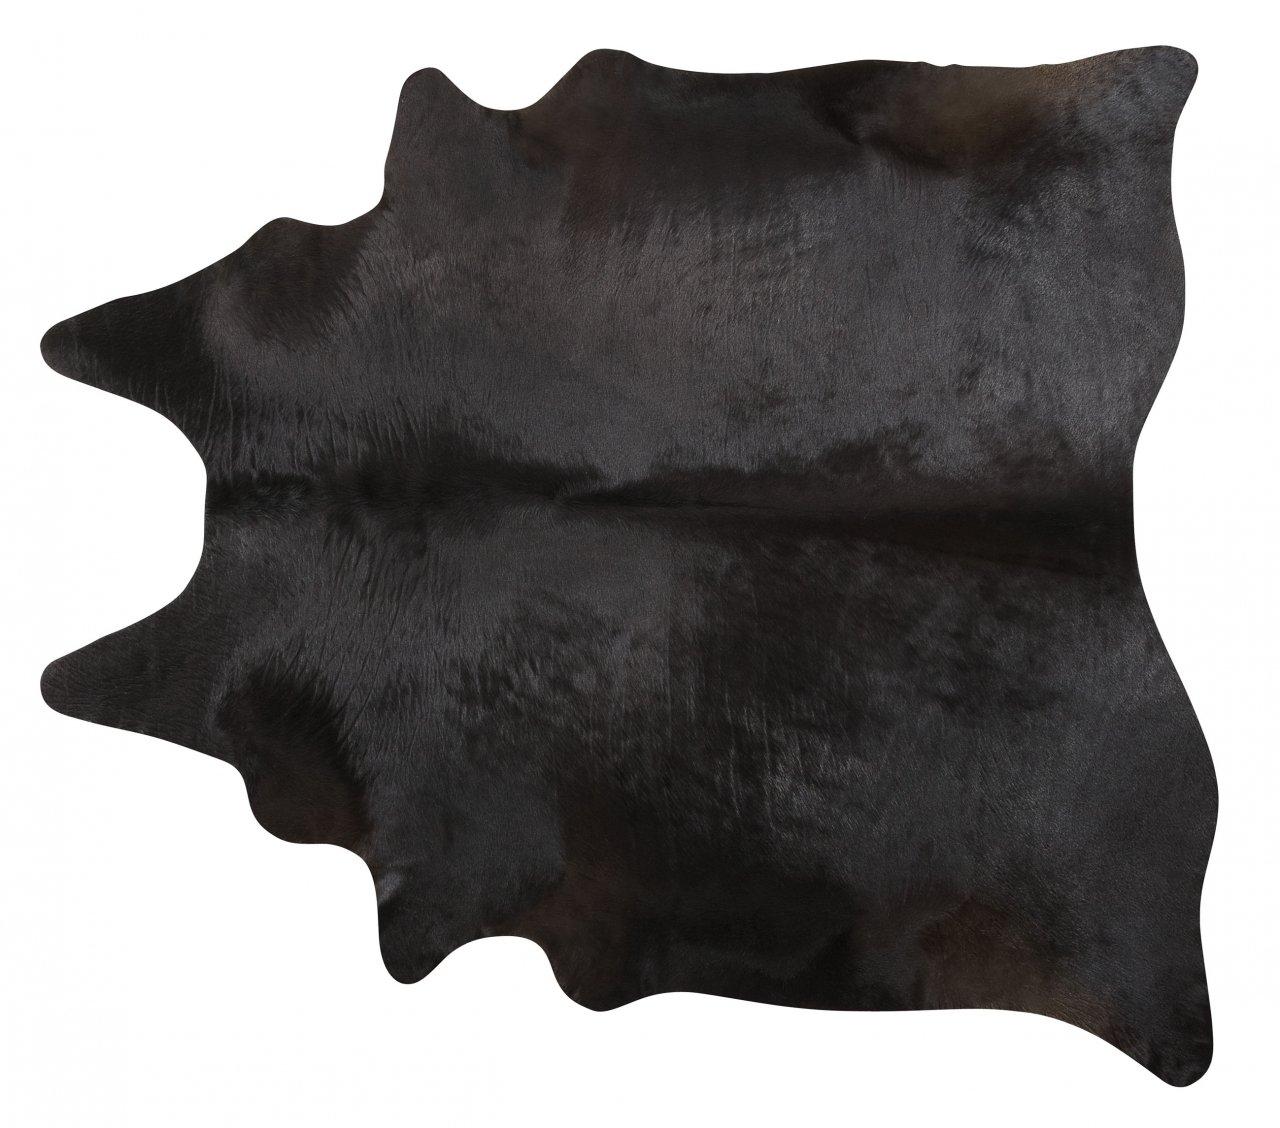 Black Brazilian Cowhide Rug Cow Hide Area Rugs - Size XXL